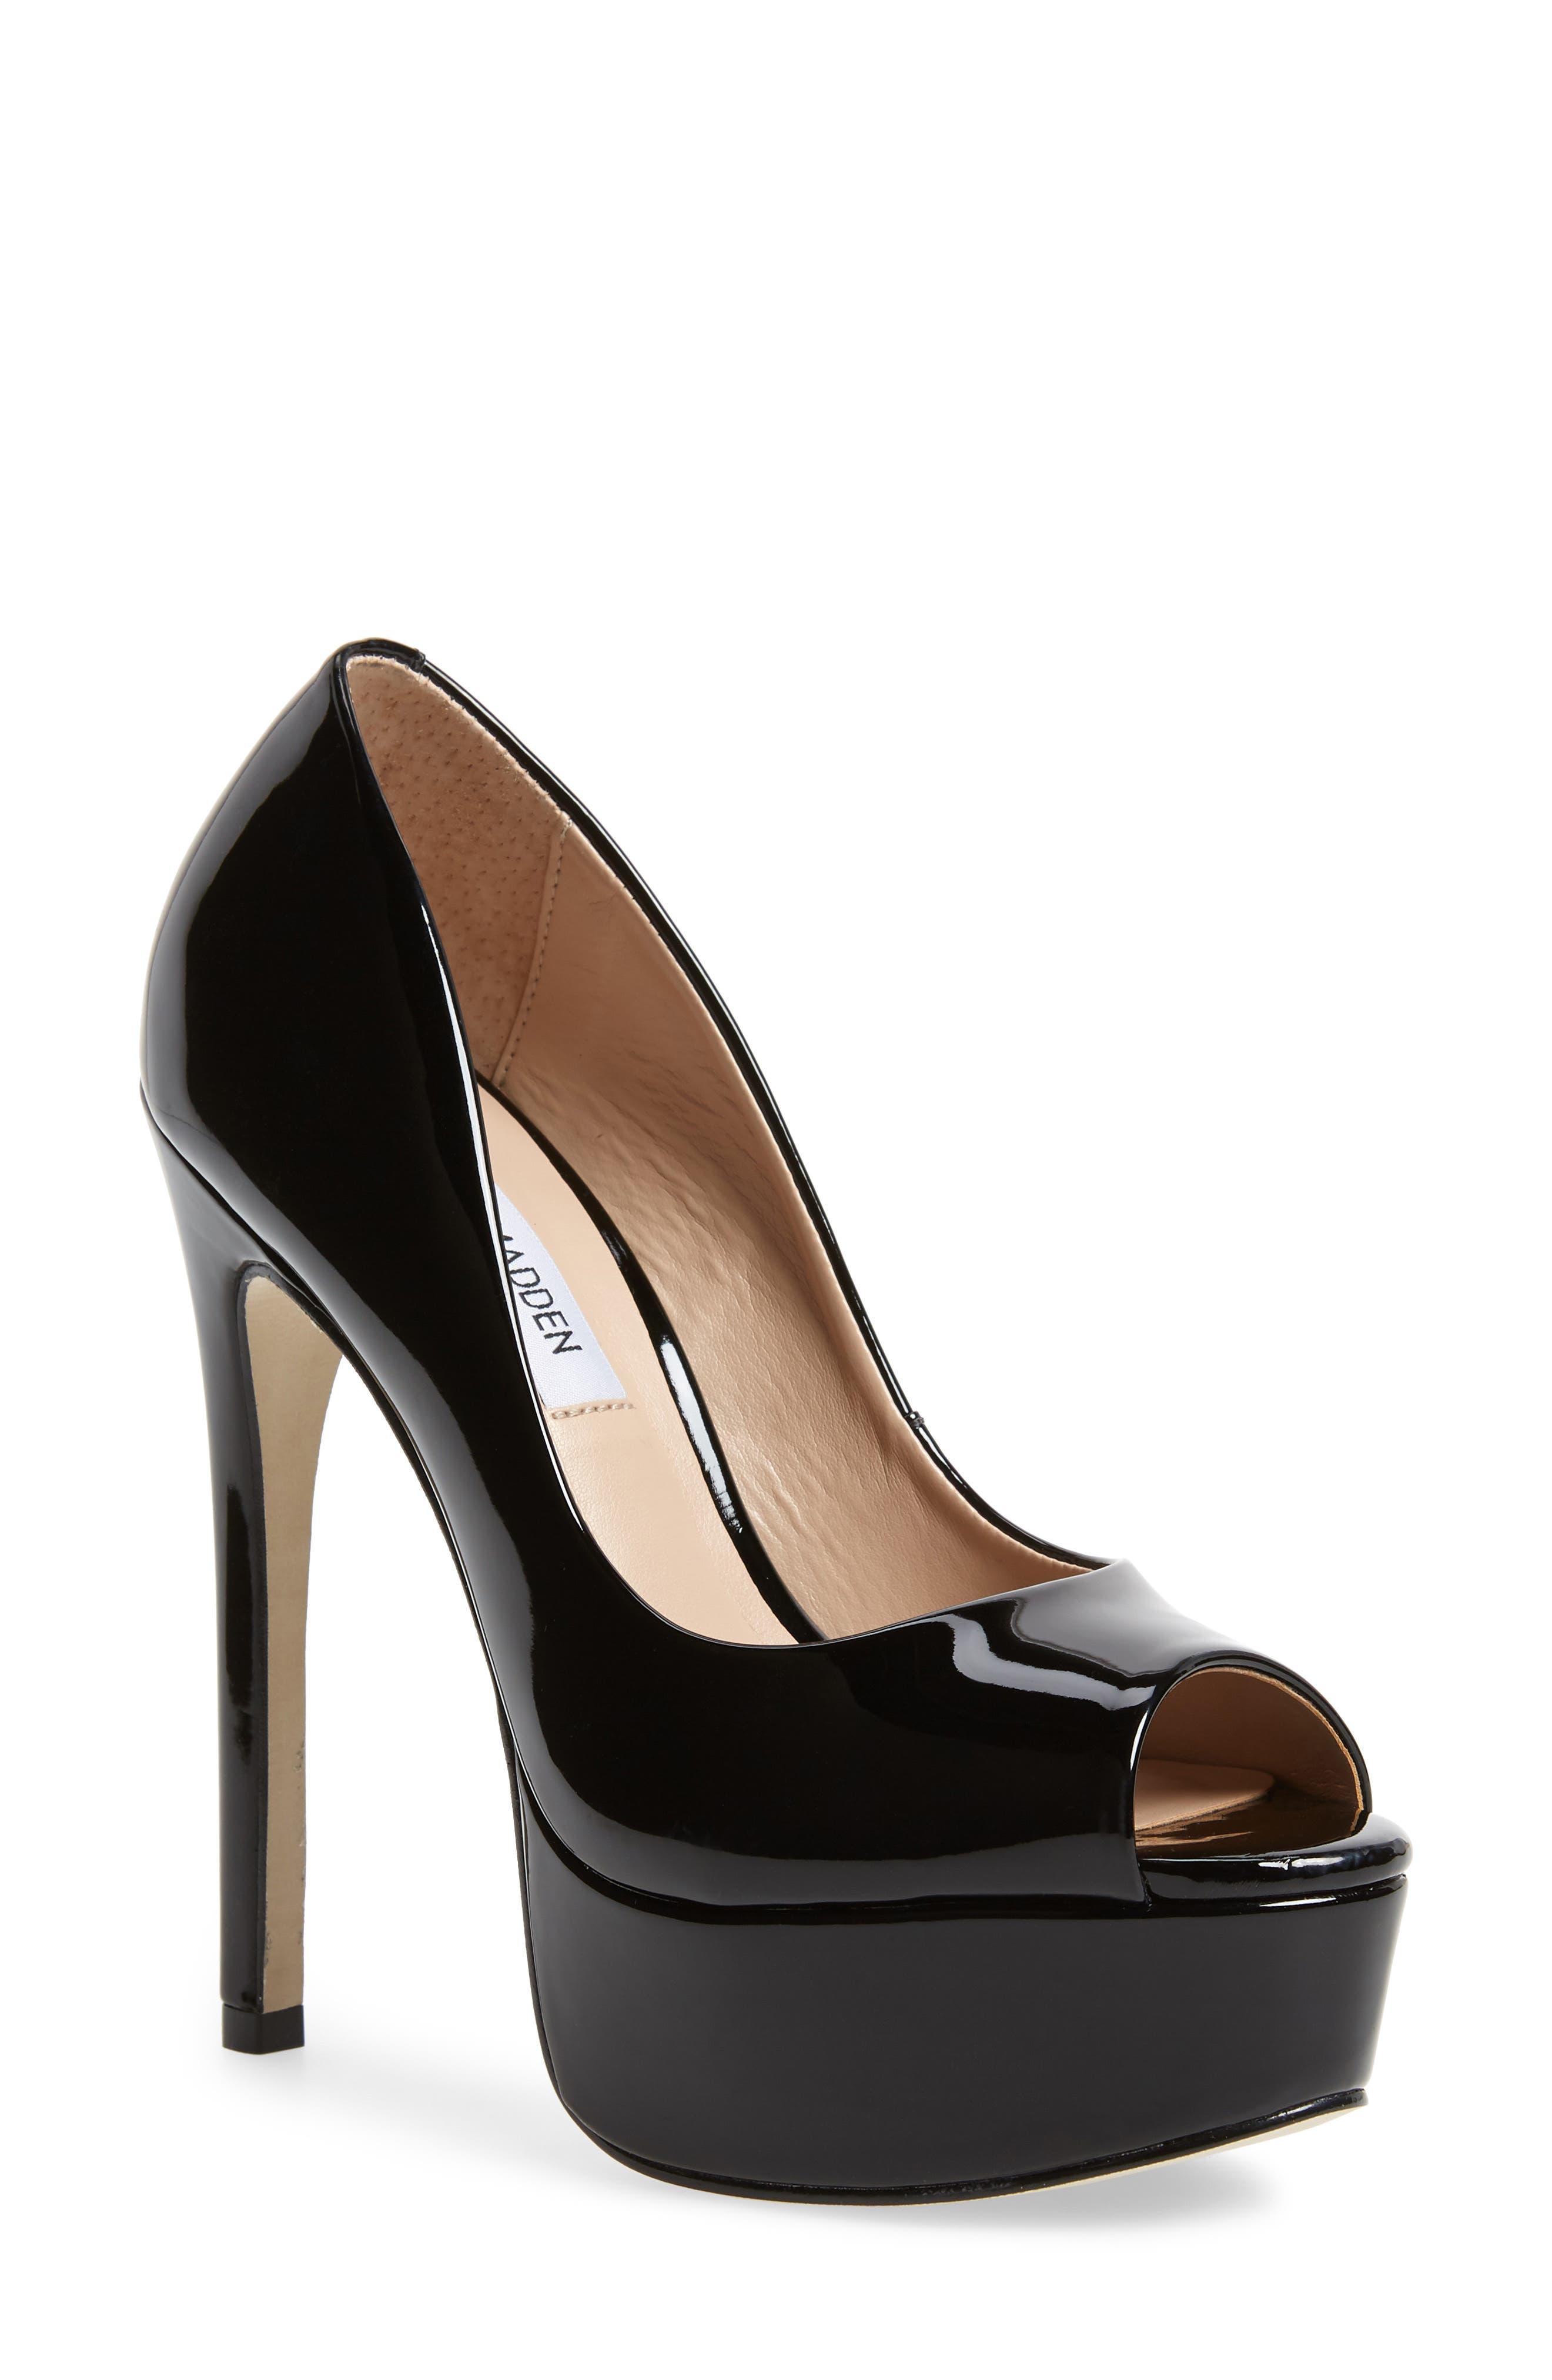 Deanna Platform Sandal,                             Main thumbnail 1, color,                             Black Patent